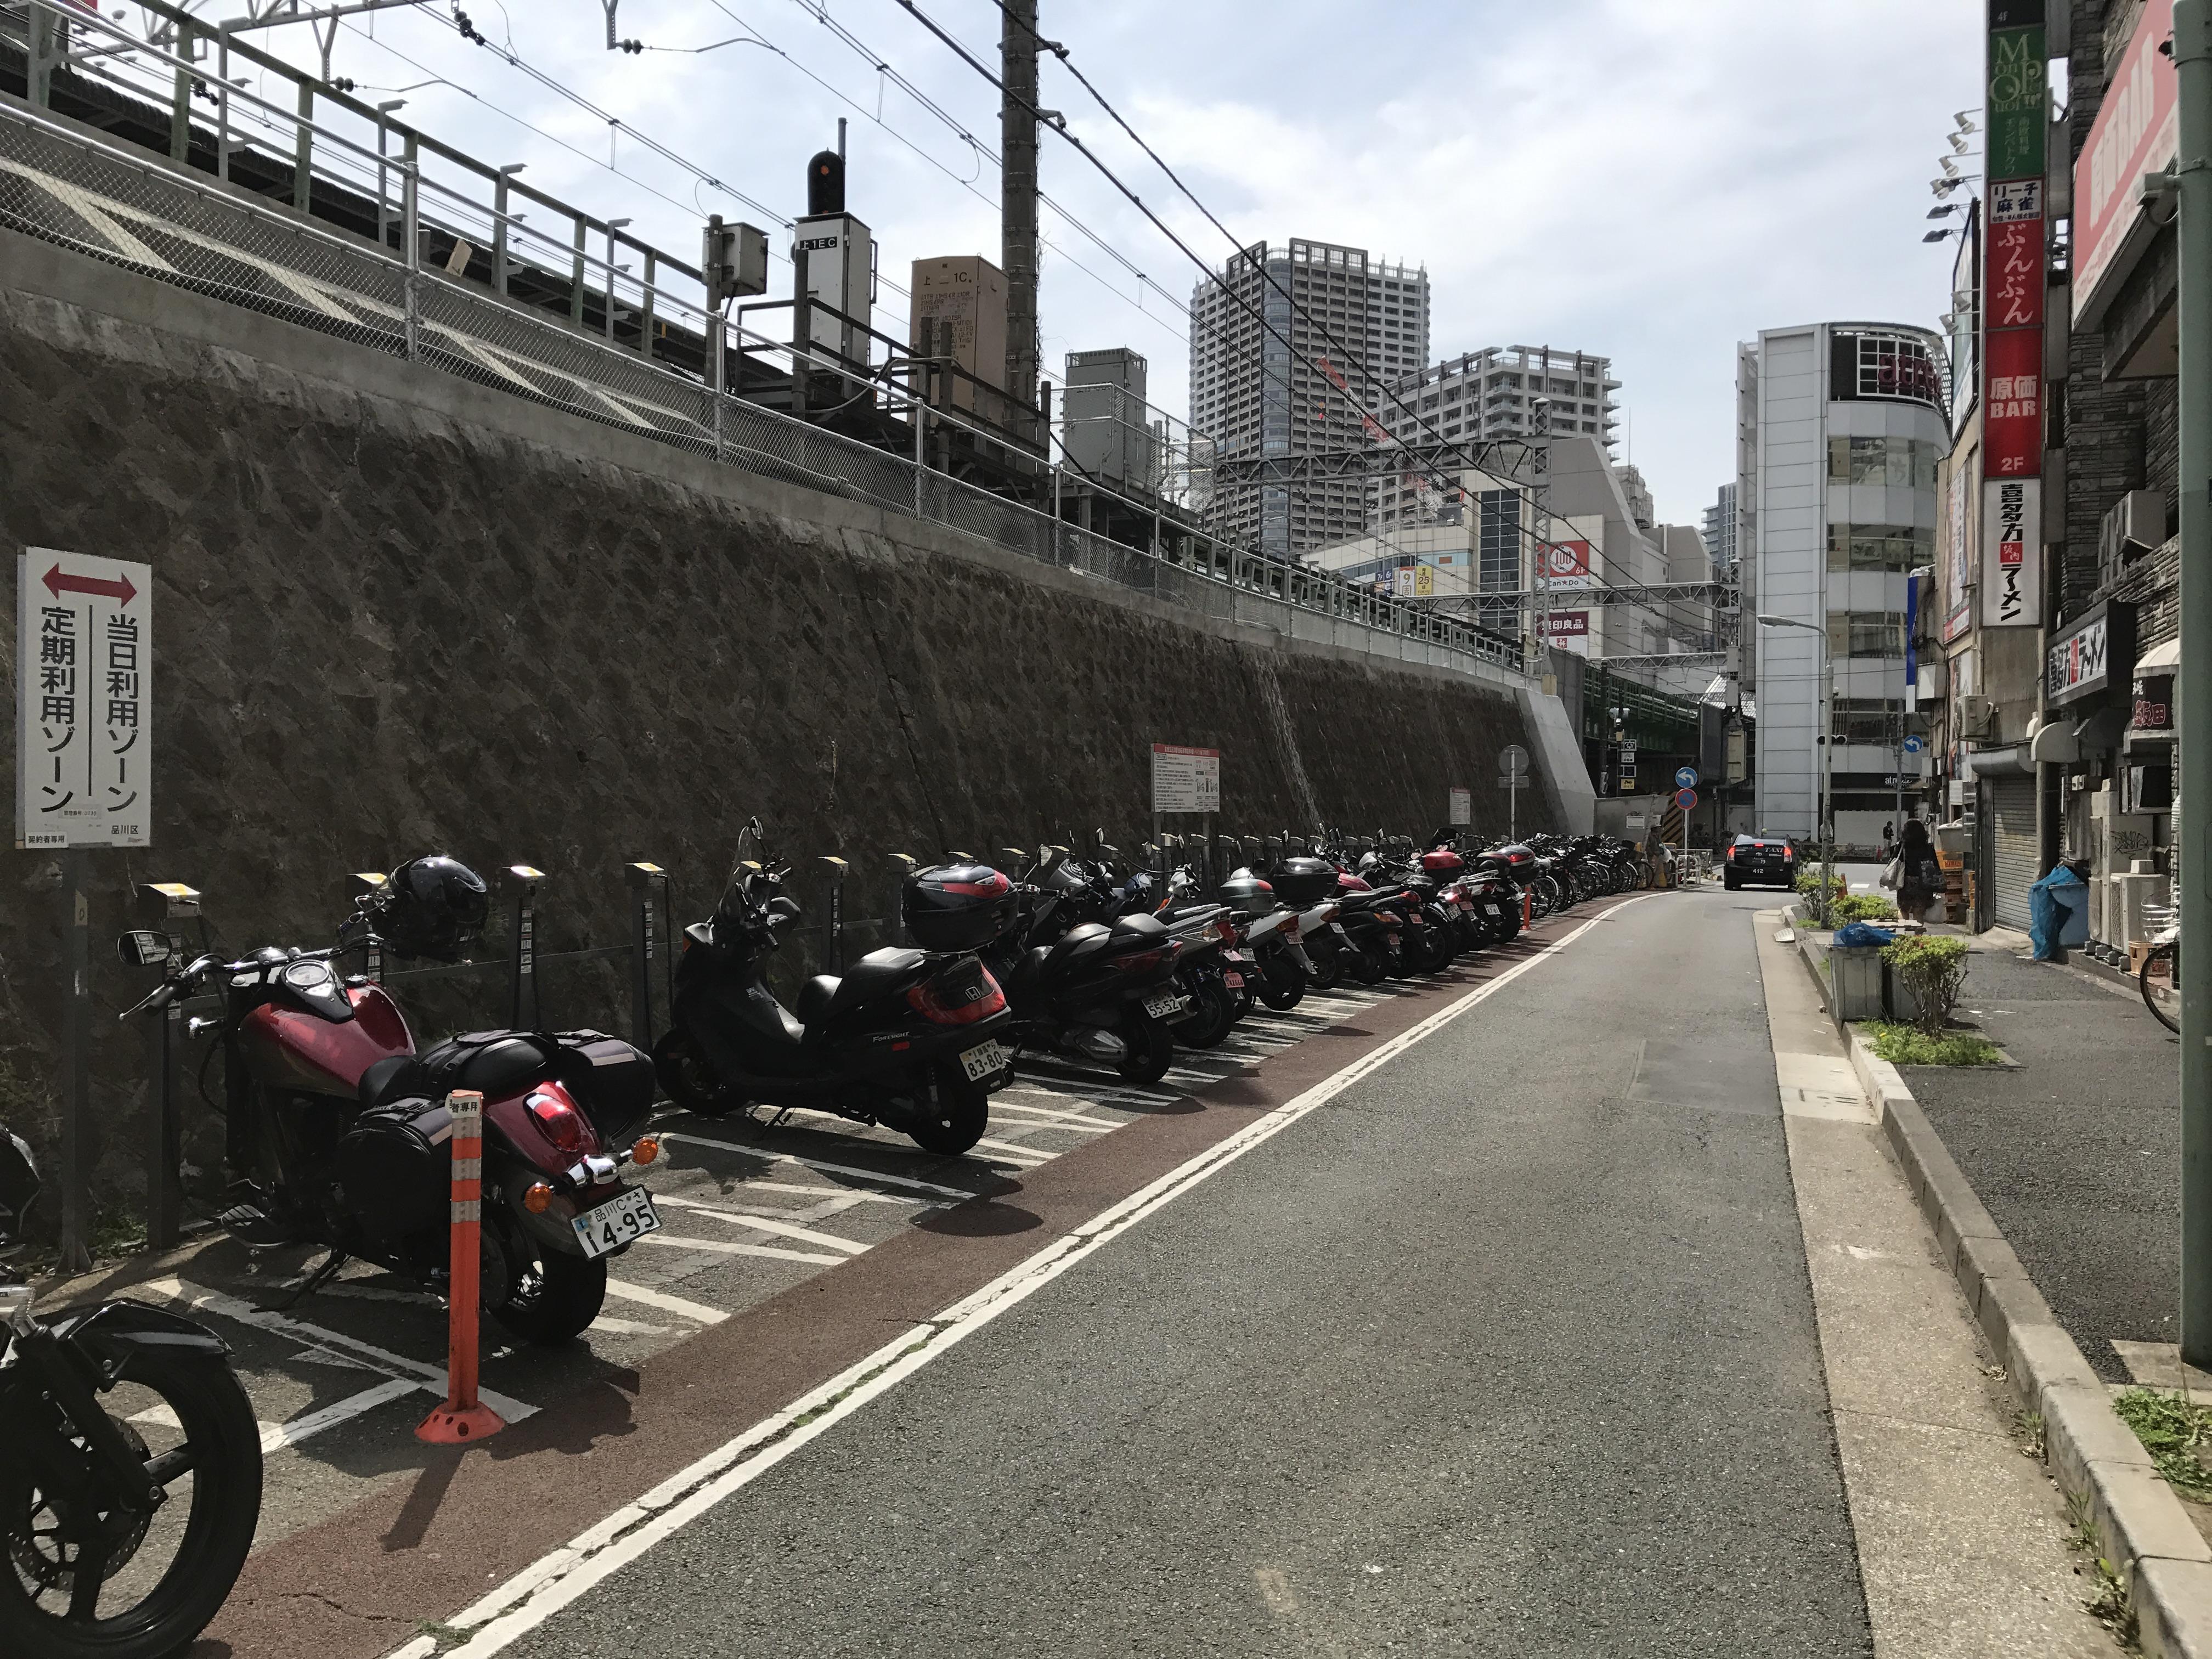 【公式】レンタルバイクのベストBike® [東京都]五反田駅前-セルフ